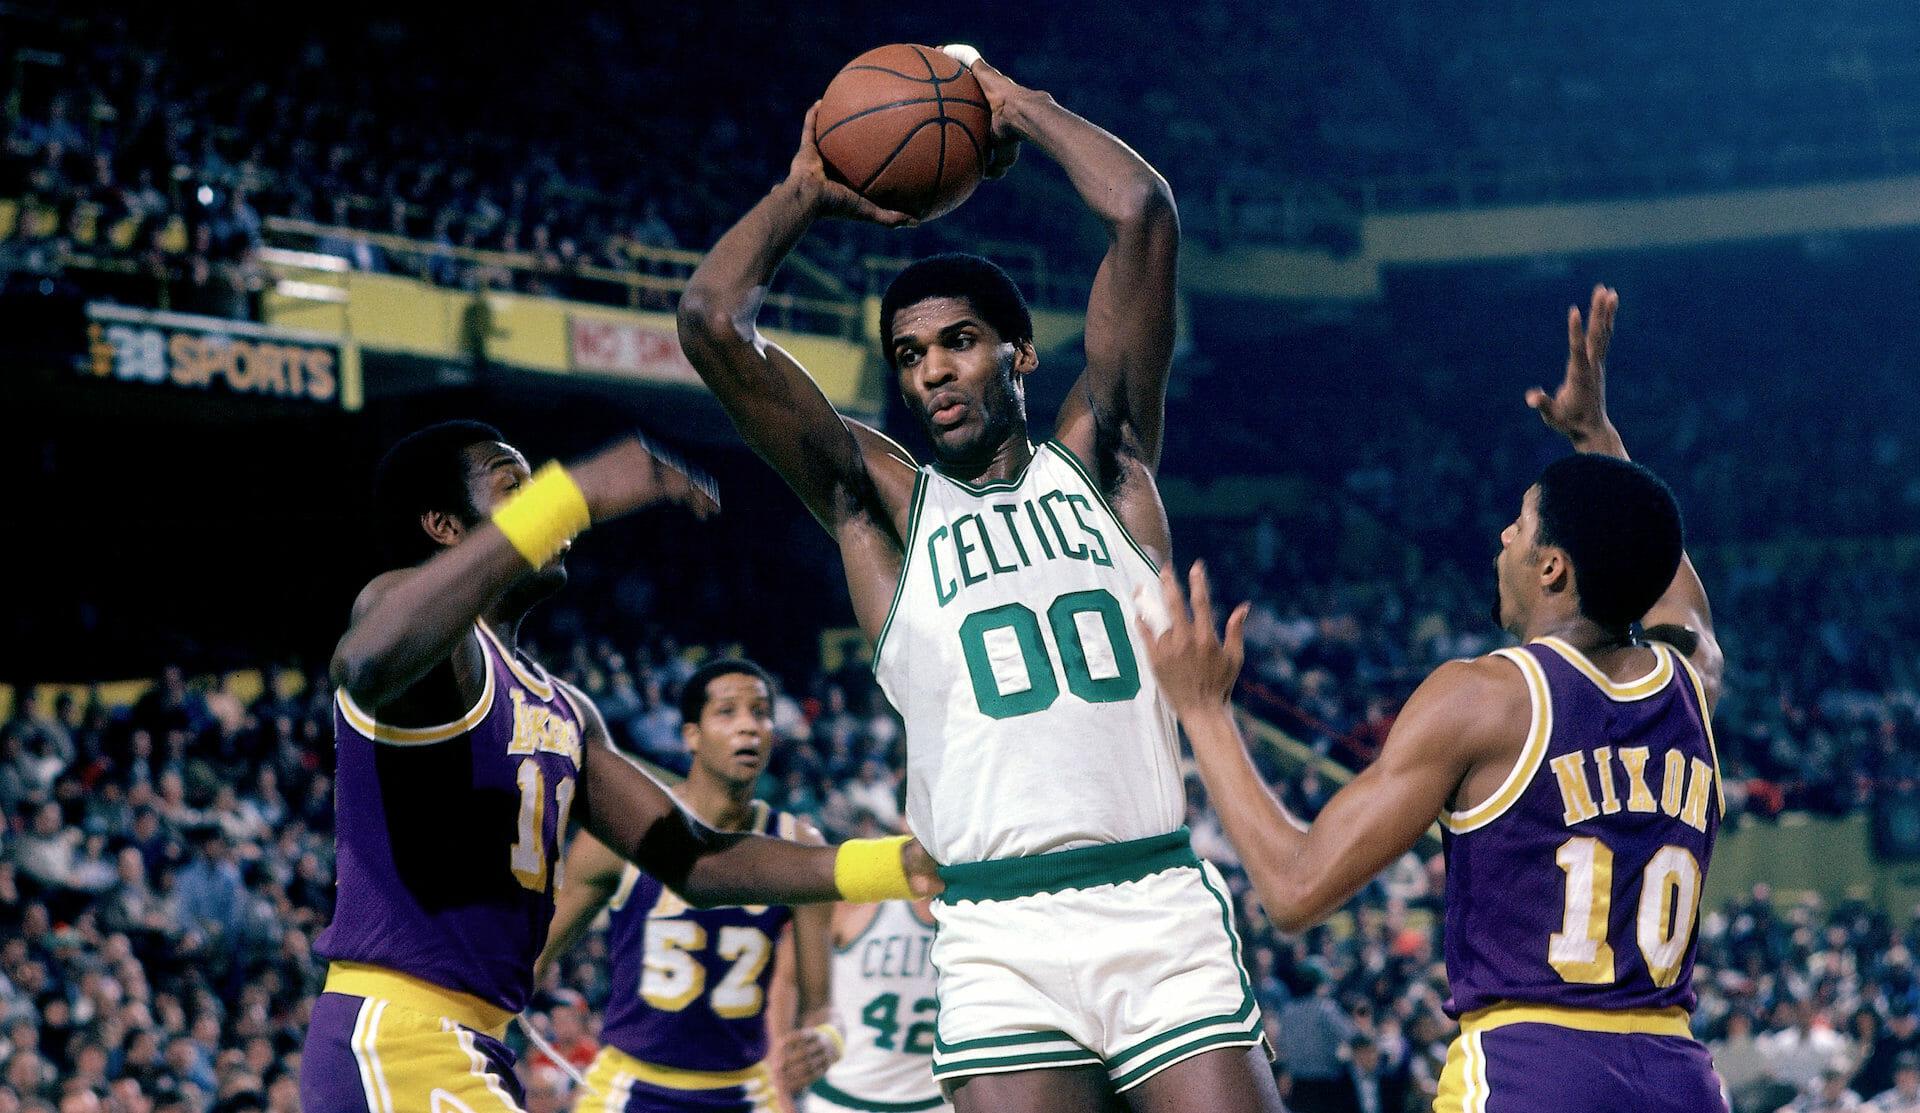 Les 5 joueurs les plus vieux de l'histoire de la NBA